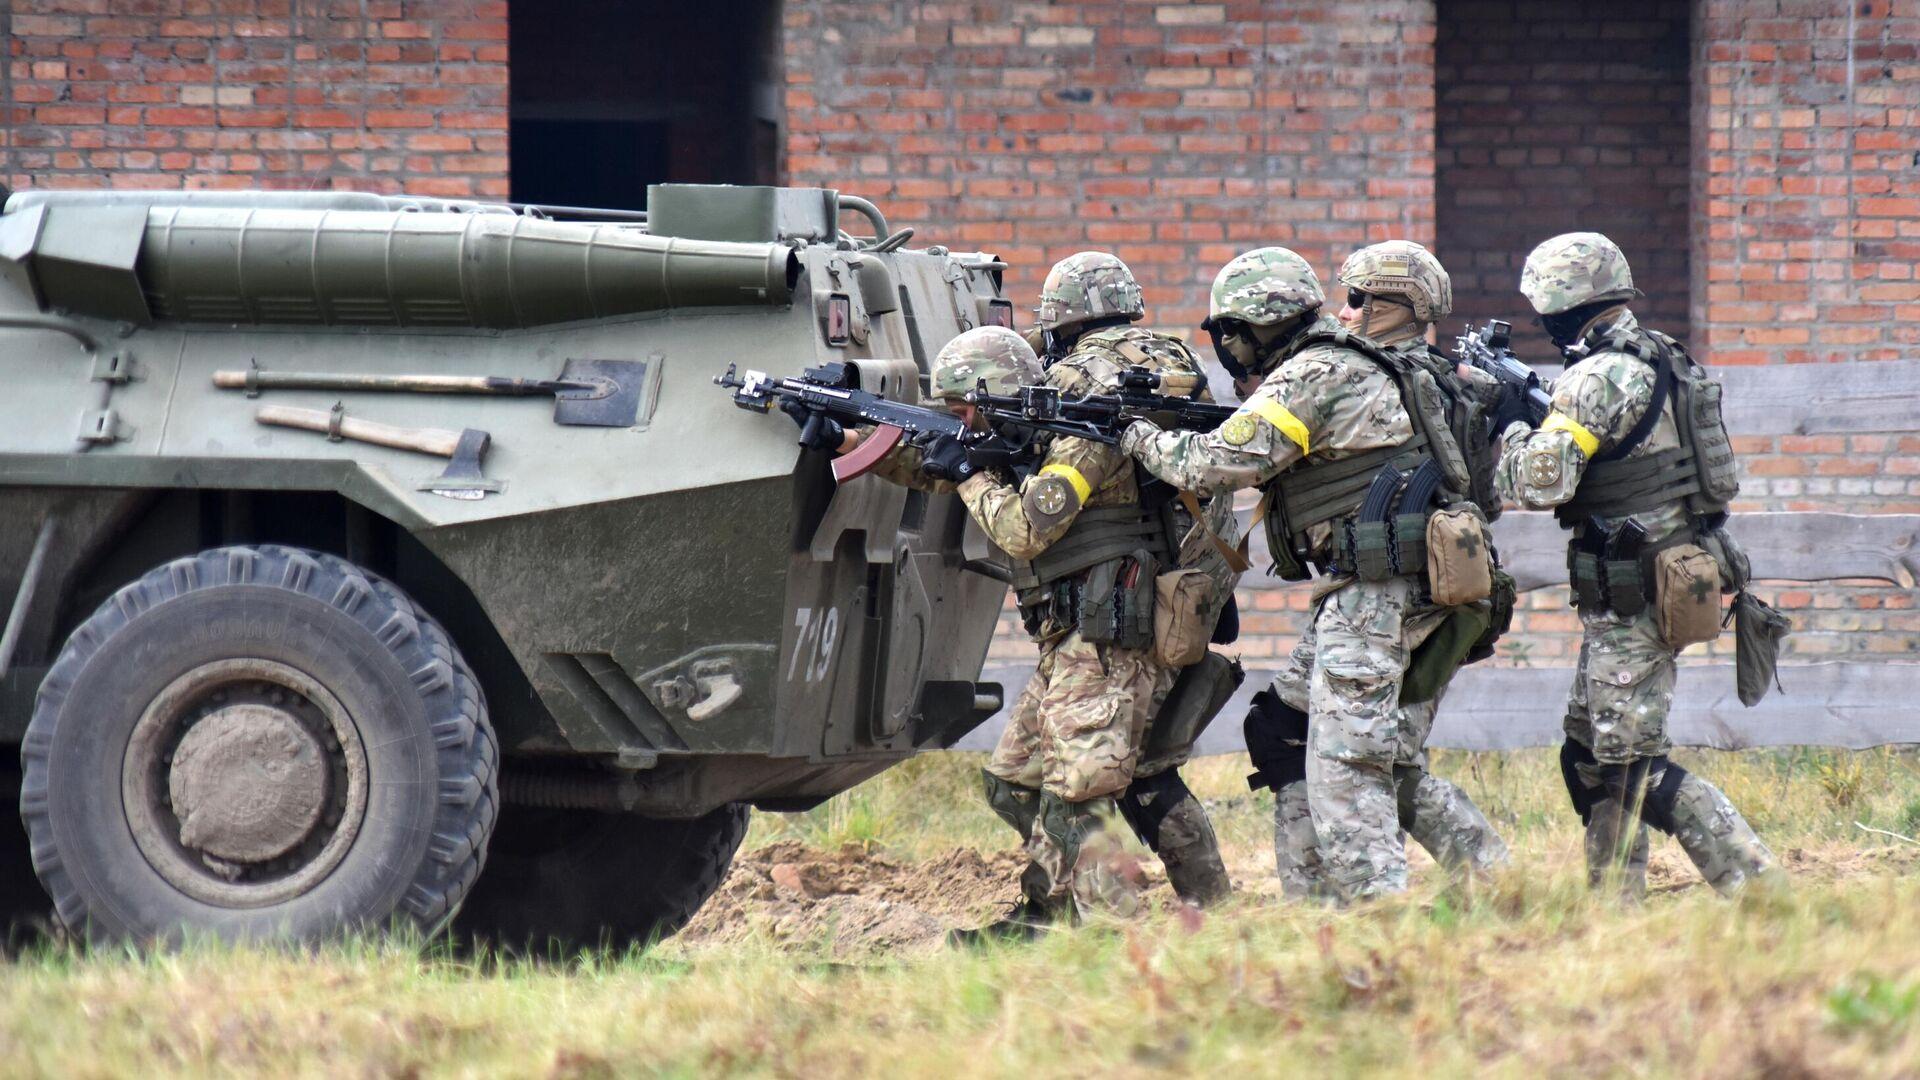 Военнослужащие Украины во время активной фазы совместных военных учений Украины и стран НАТО Rapid Trident-2020 на Яворовском полигоне во Львовской области - РИА Новости, 1920, 27.09.2021